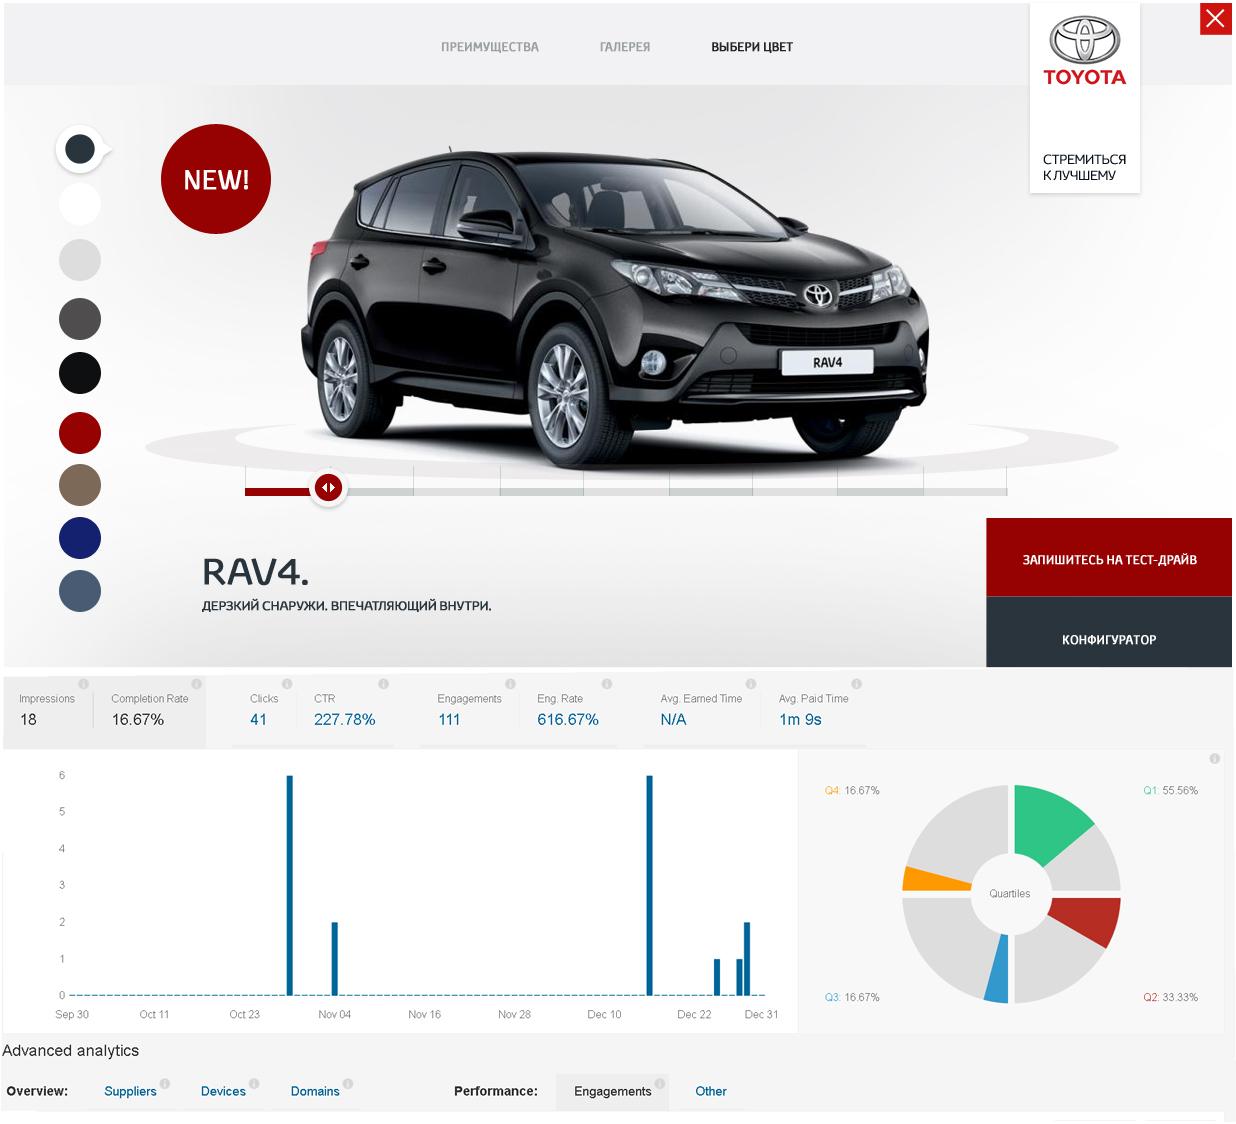 Интерактив для маркетинга. Сбор статистики. Toyota